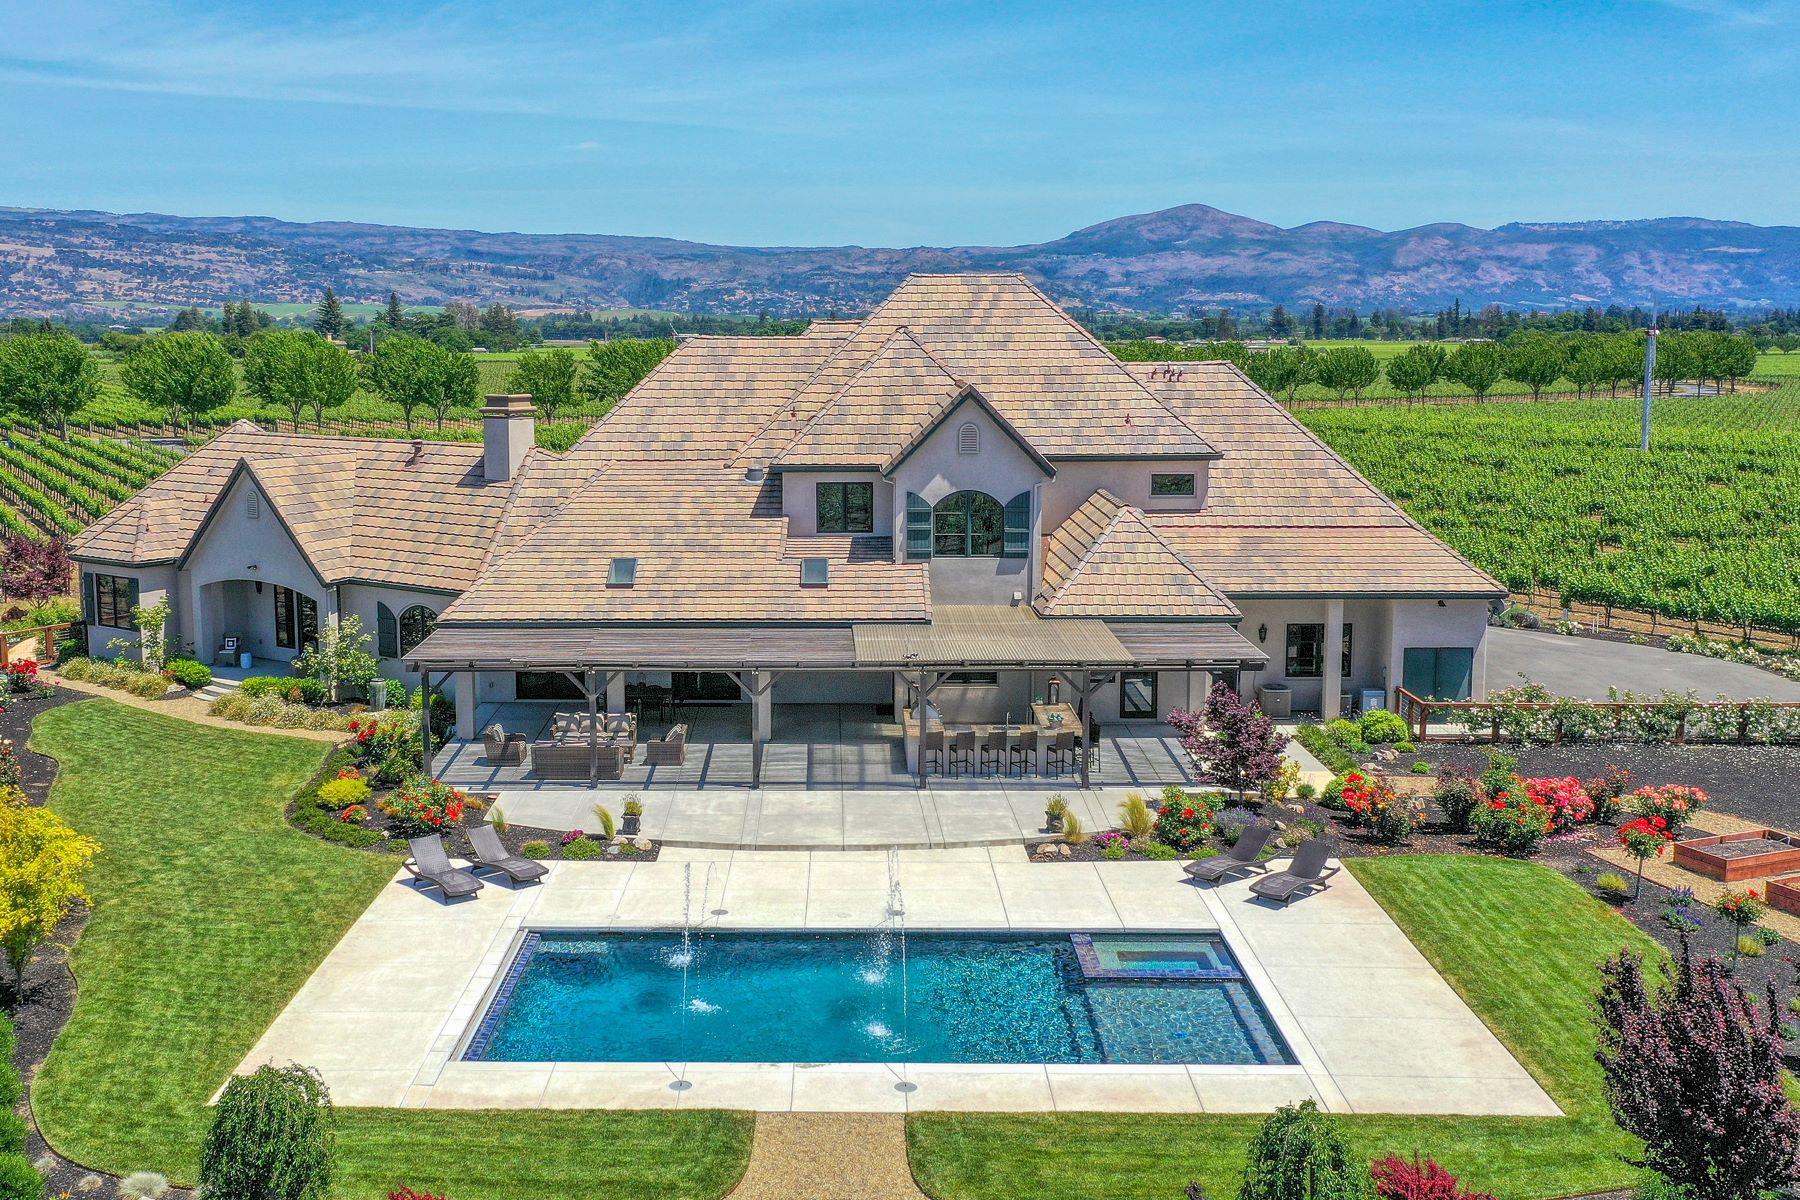 Single Family Homes for Active at Napa Valley Vineyard Estate 45 Hunter Ranch Road Napa, California 94558 United States